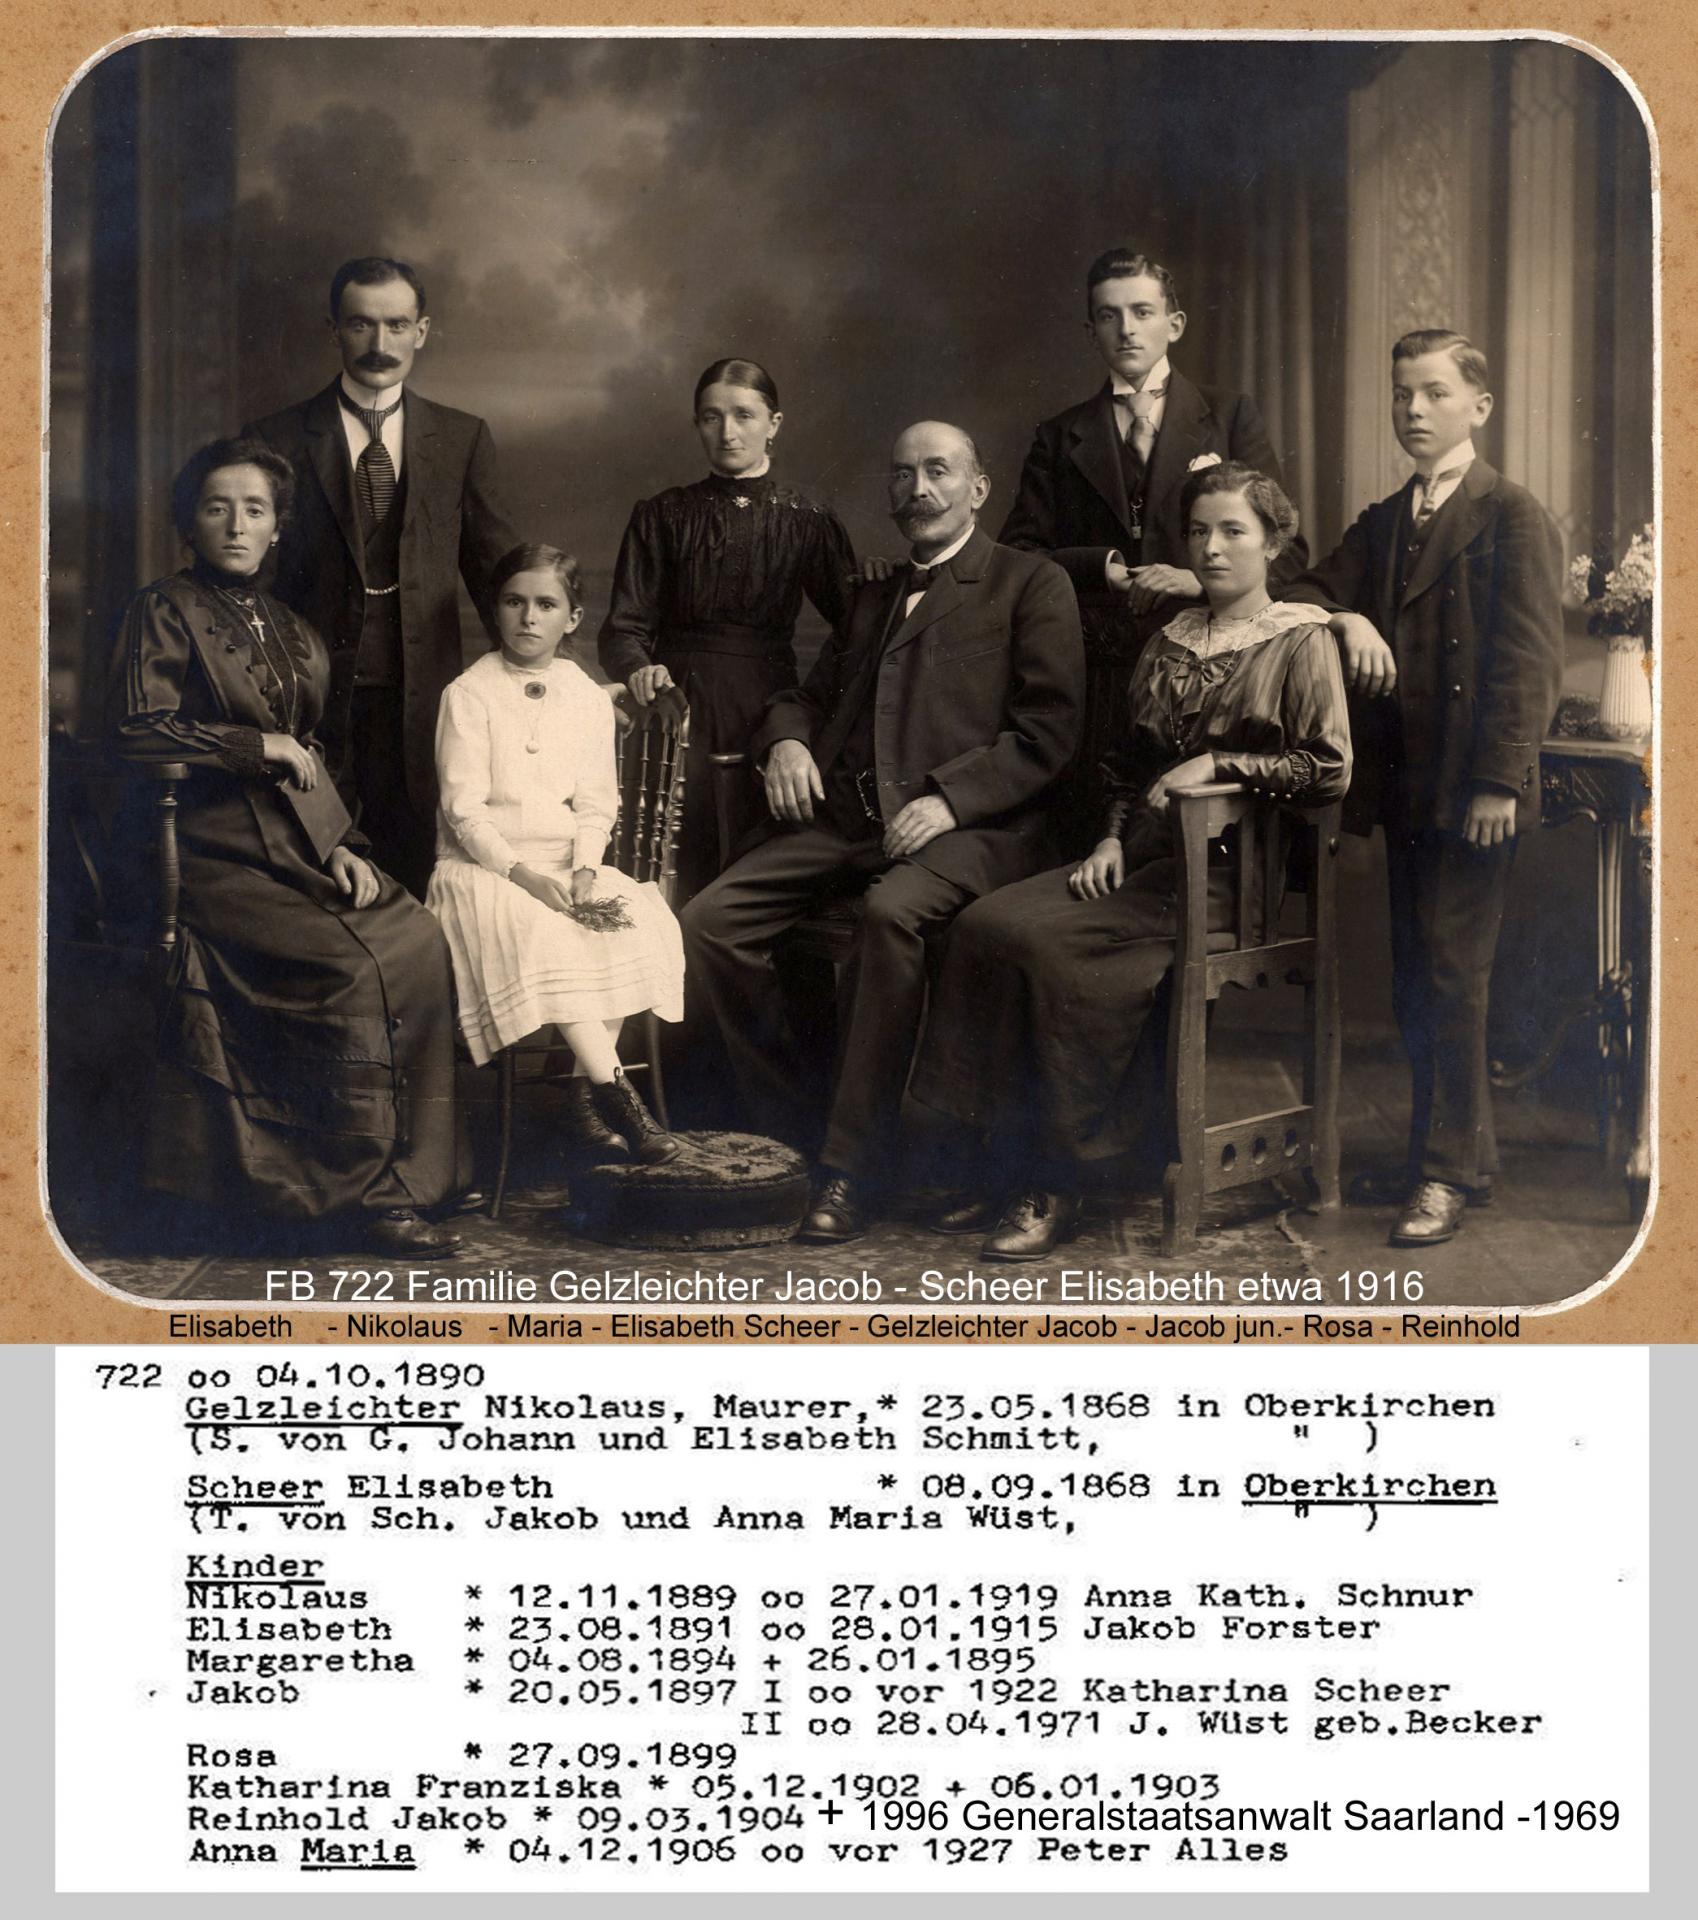 Familie Gelzleichter